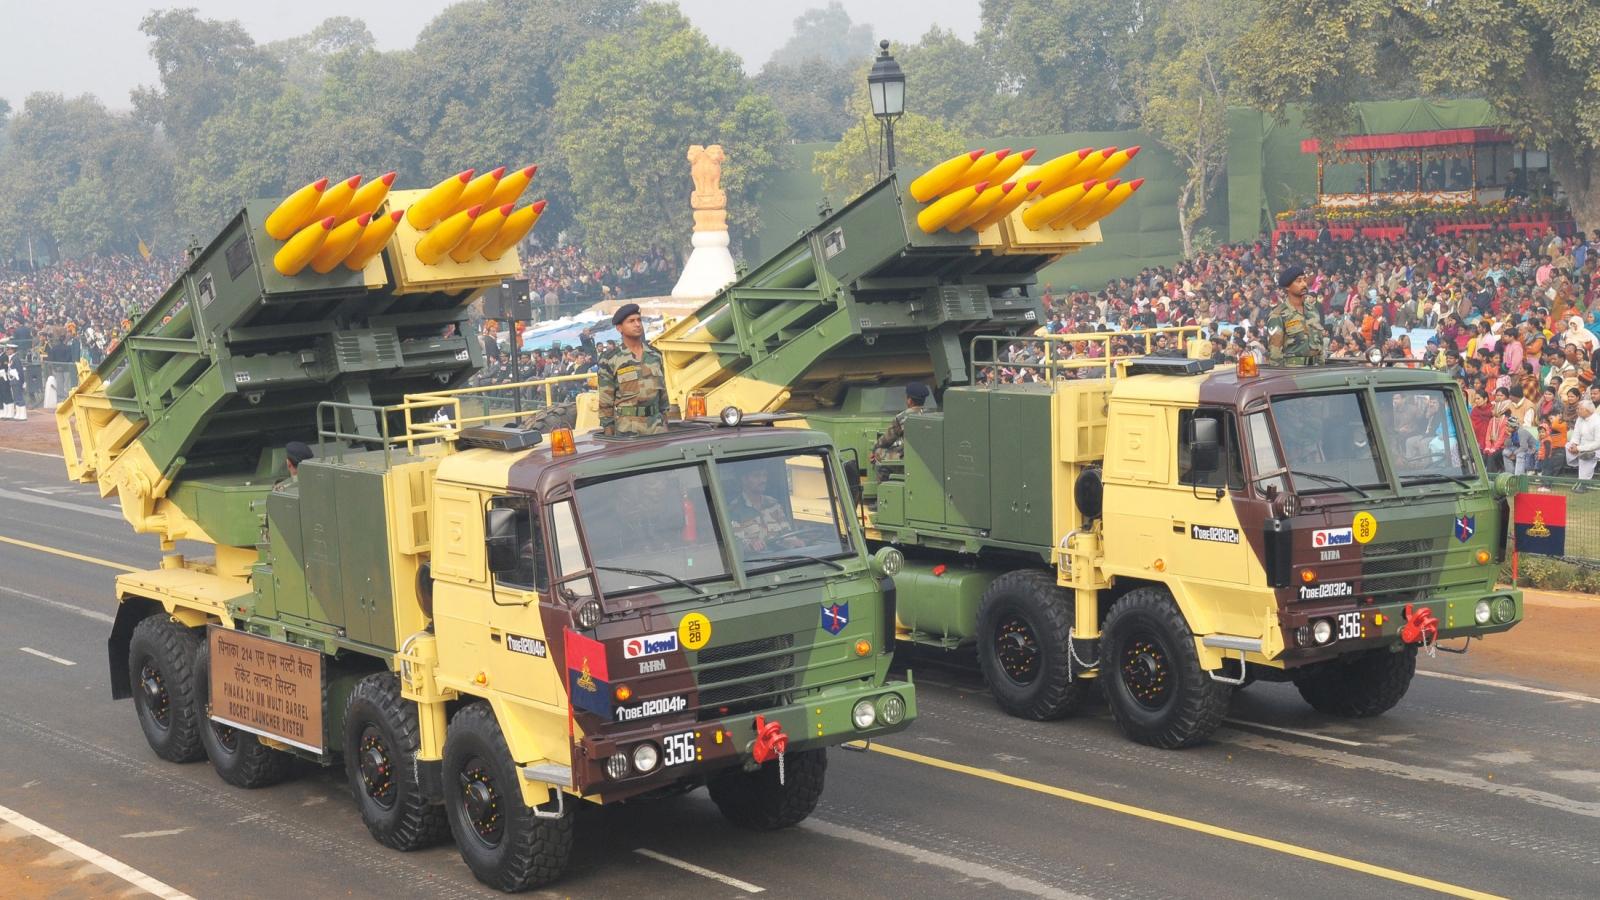 Ấn Độ mua 6 tổ hợp Pinaka triển khai dọc biên giới Trung Quốc